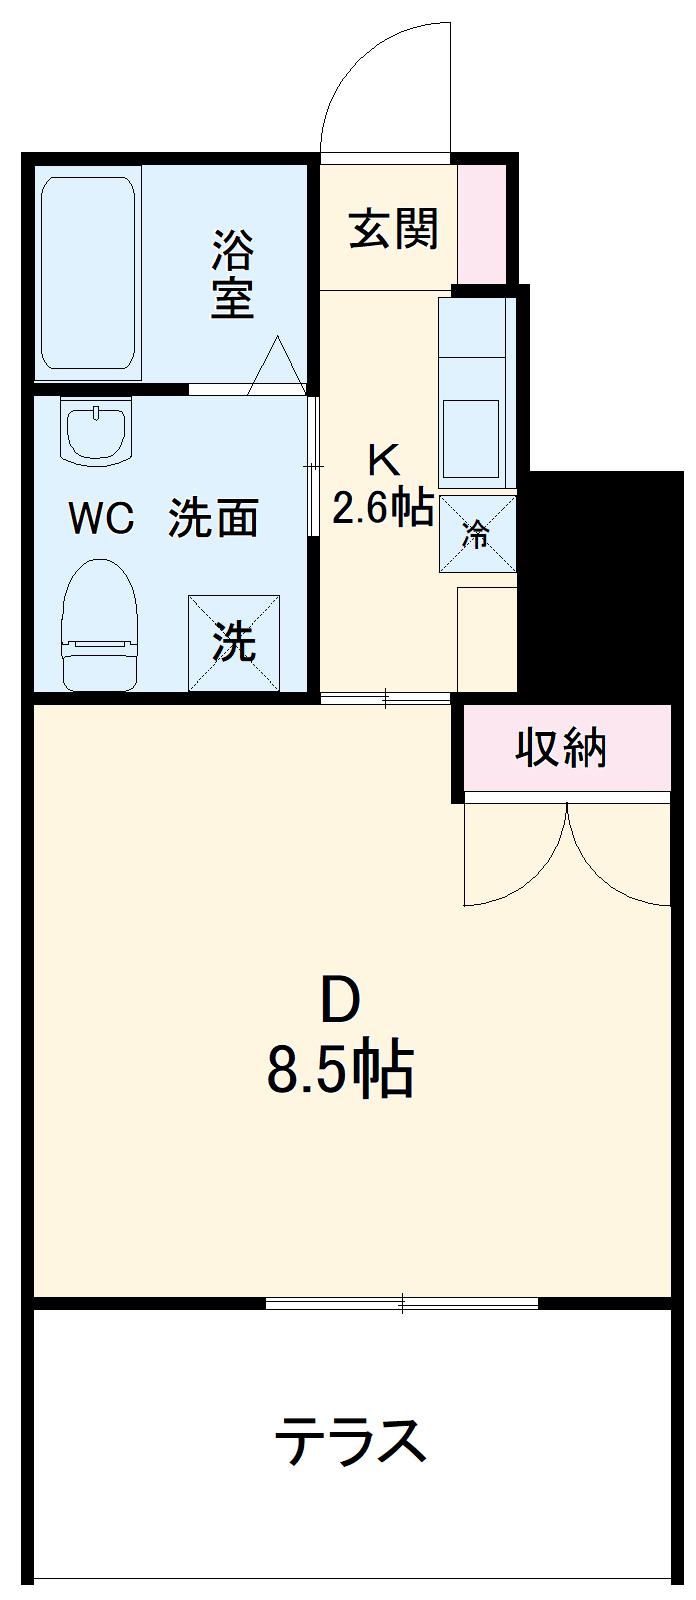 BBA-Loge上田アパート D号室の間取り